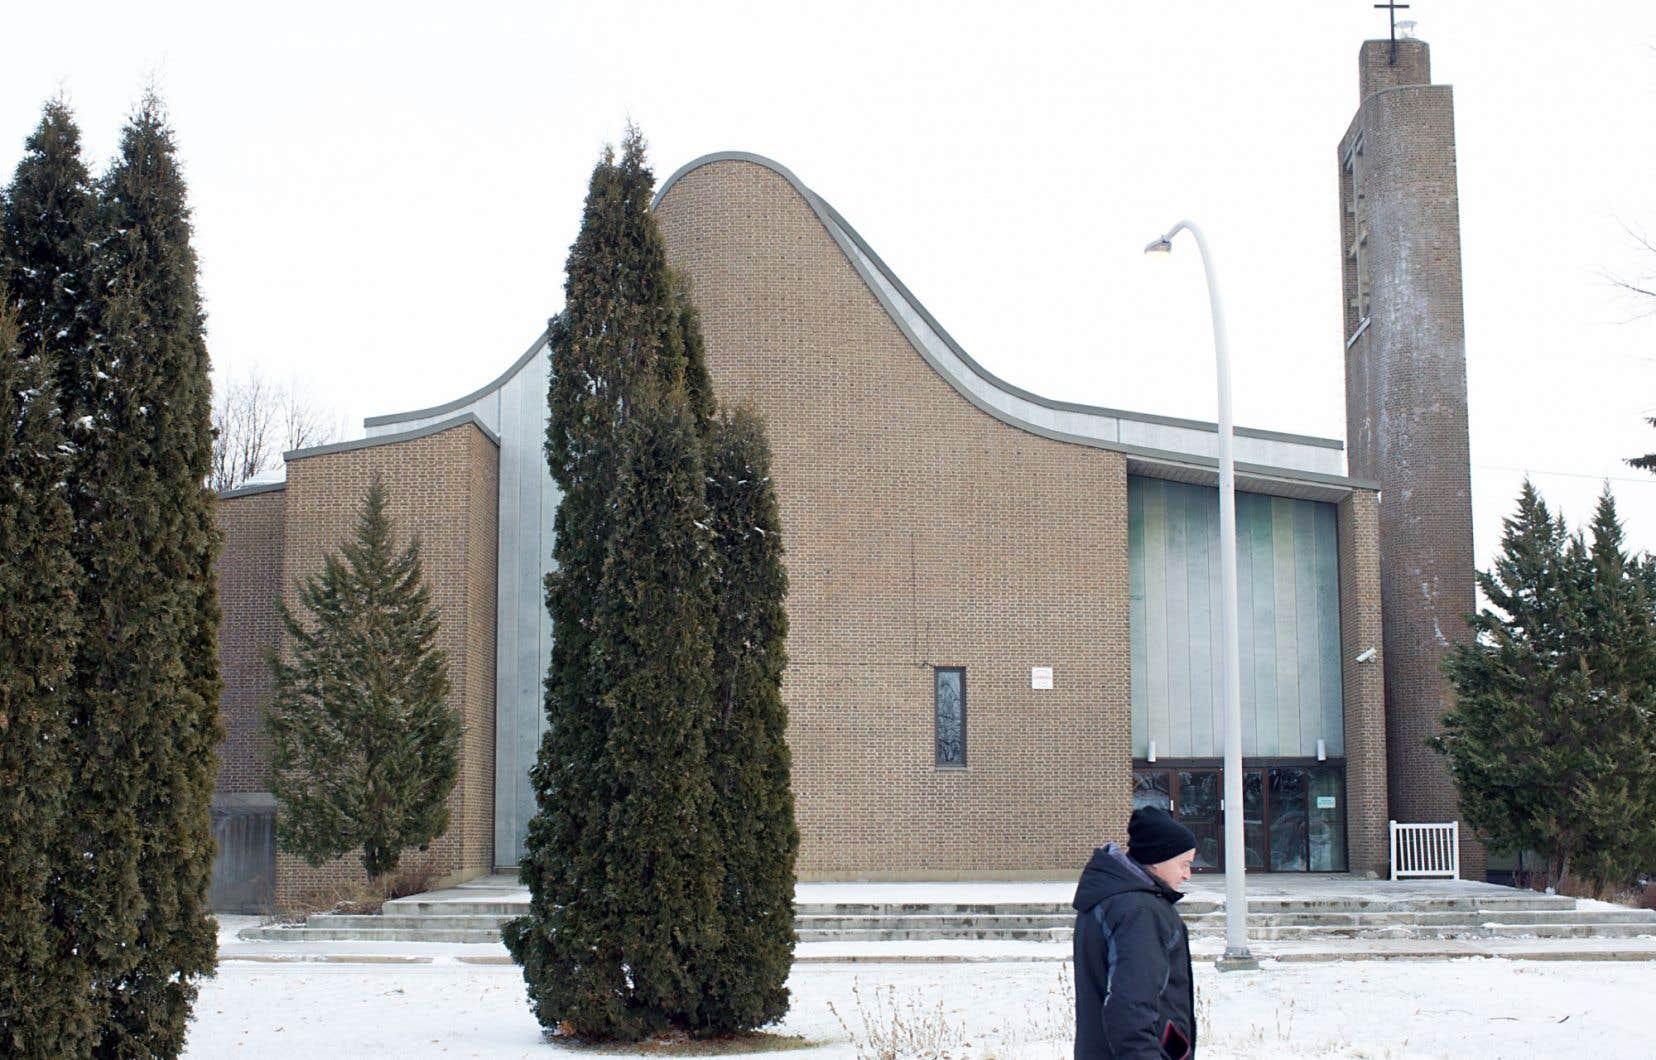 L'église Saint-Gérard-Majella, à Saint-Jean-sur-Richelieu, a une charpente en béton, mais c'est sa voûte asymétrique aux lignes courbes qui fait son originalité.